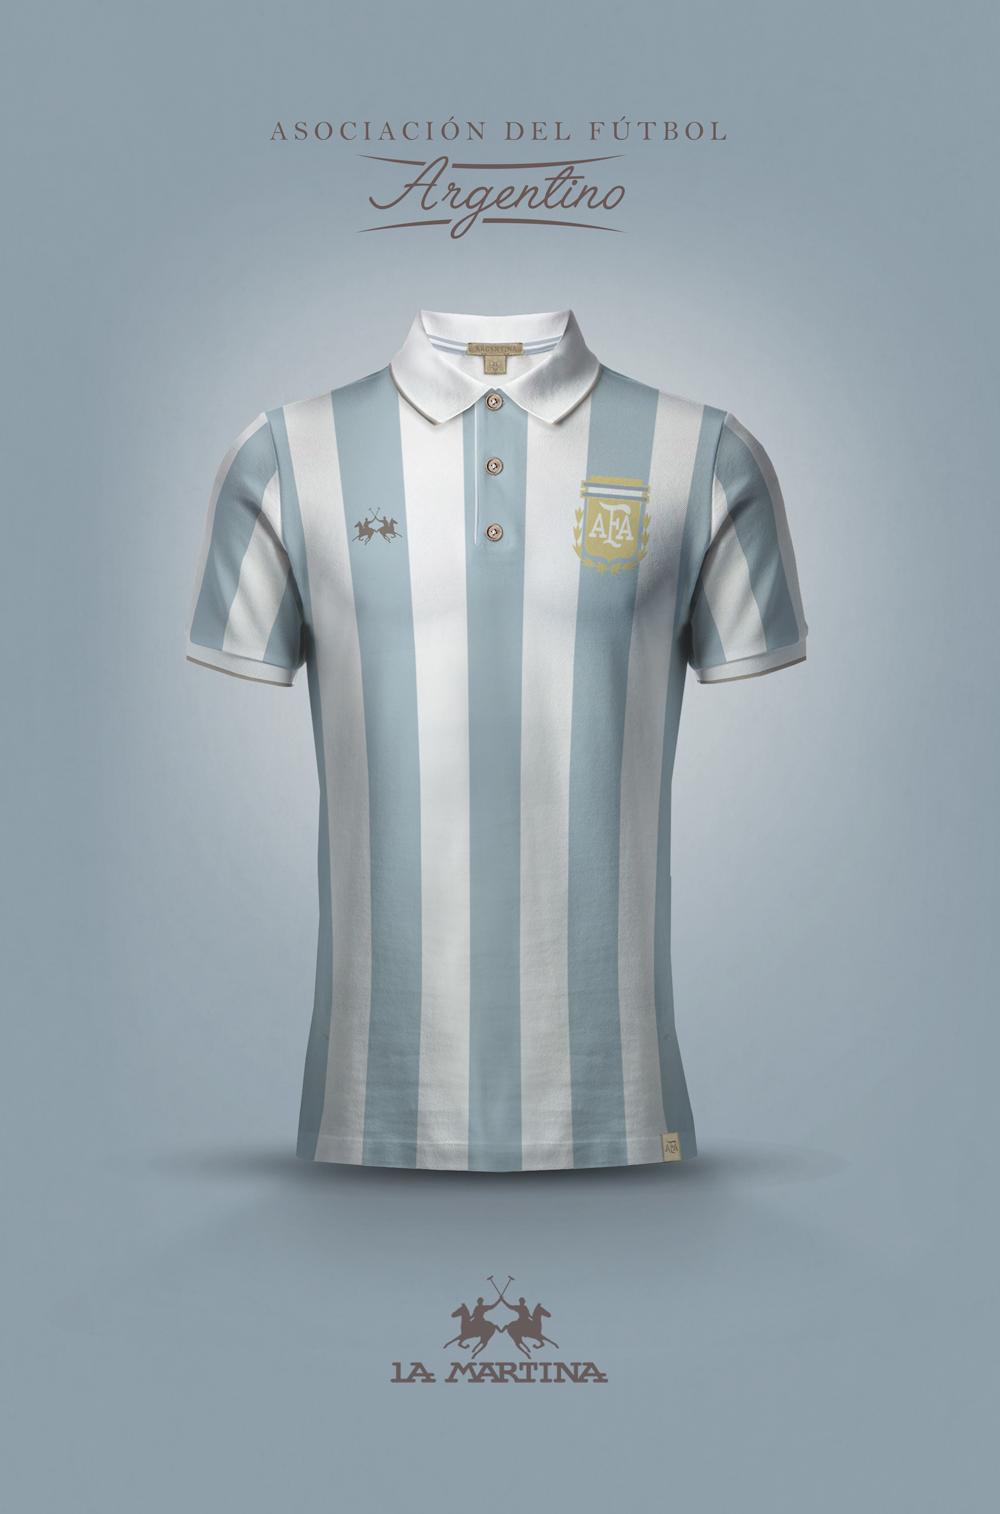 La Martina Argentina